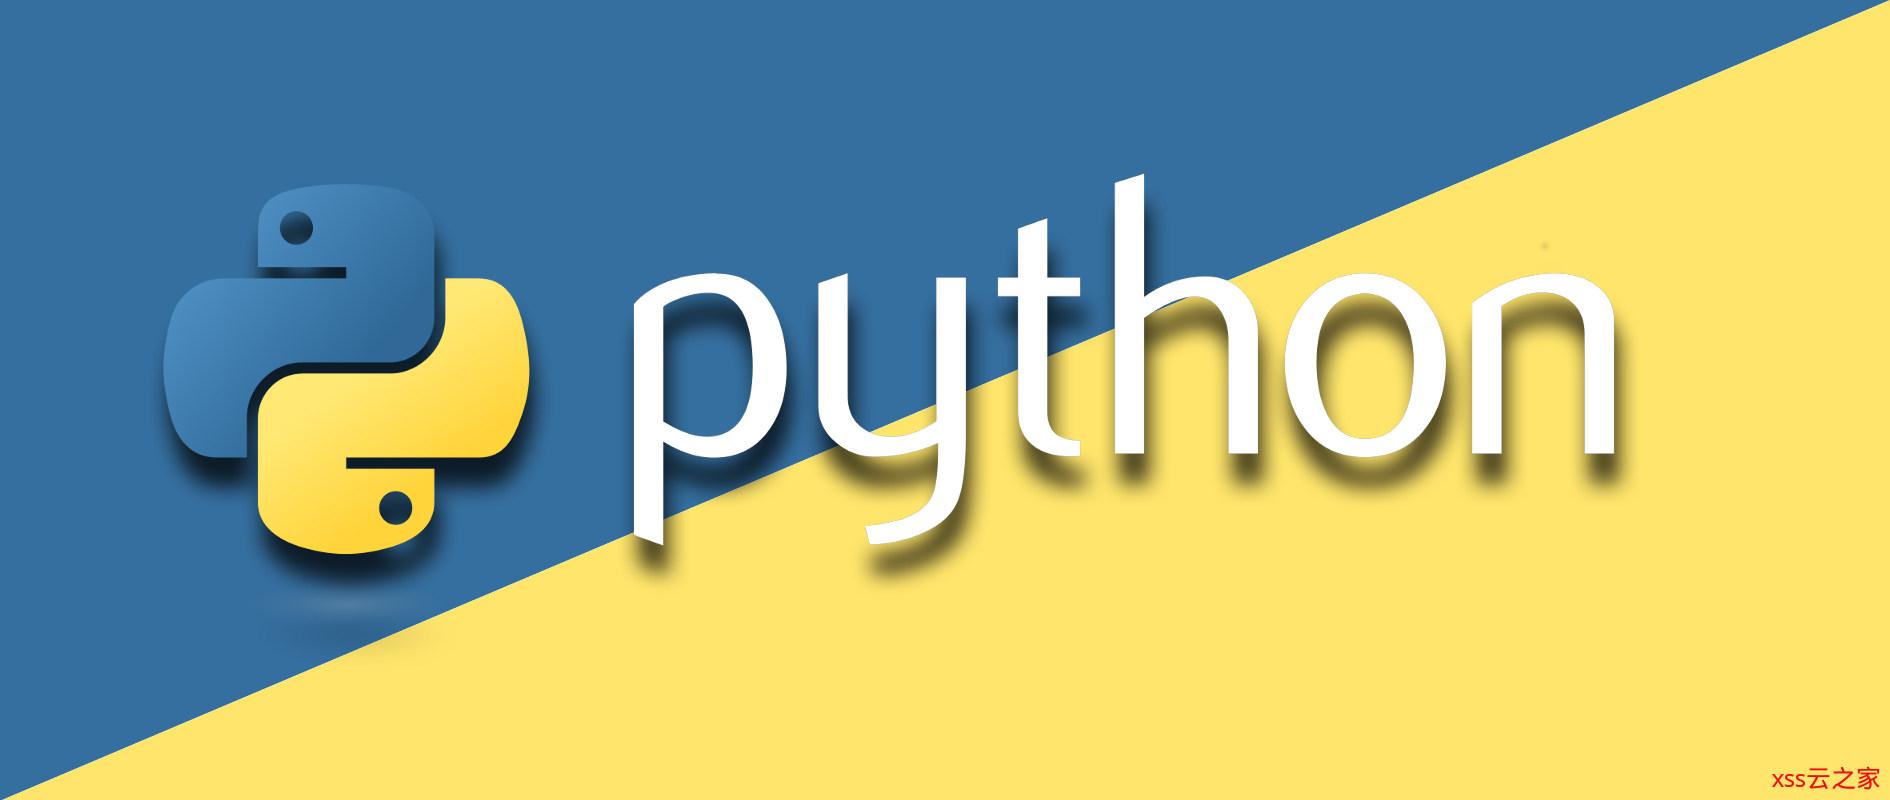 小白学 Python 数据分析(2):Pandas (一)概述